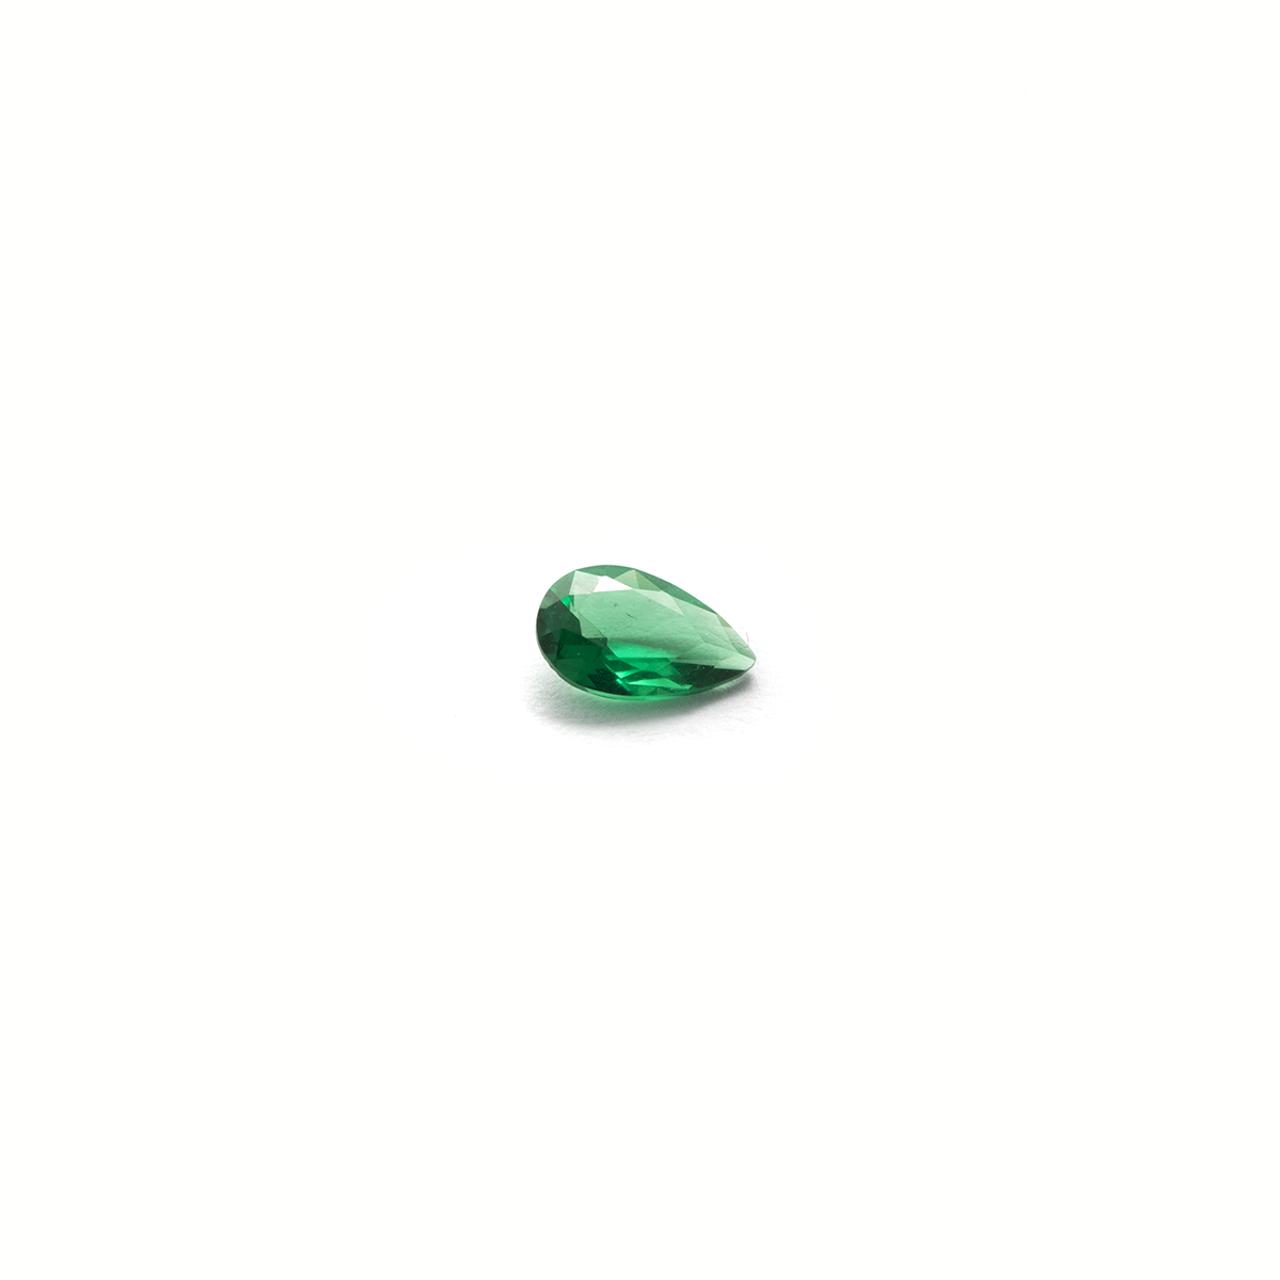 Green Teardrop Stone